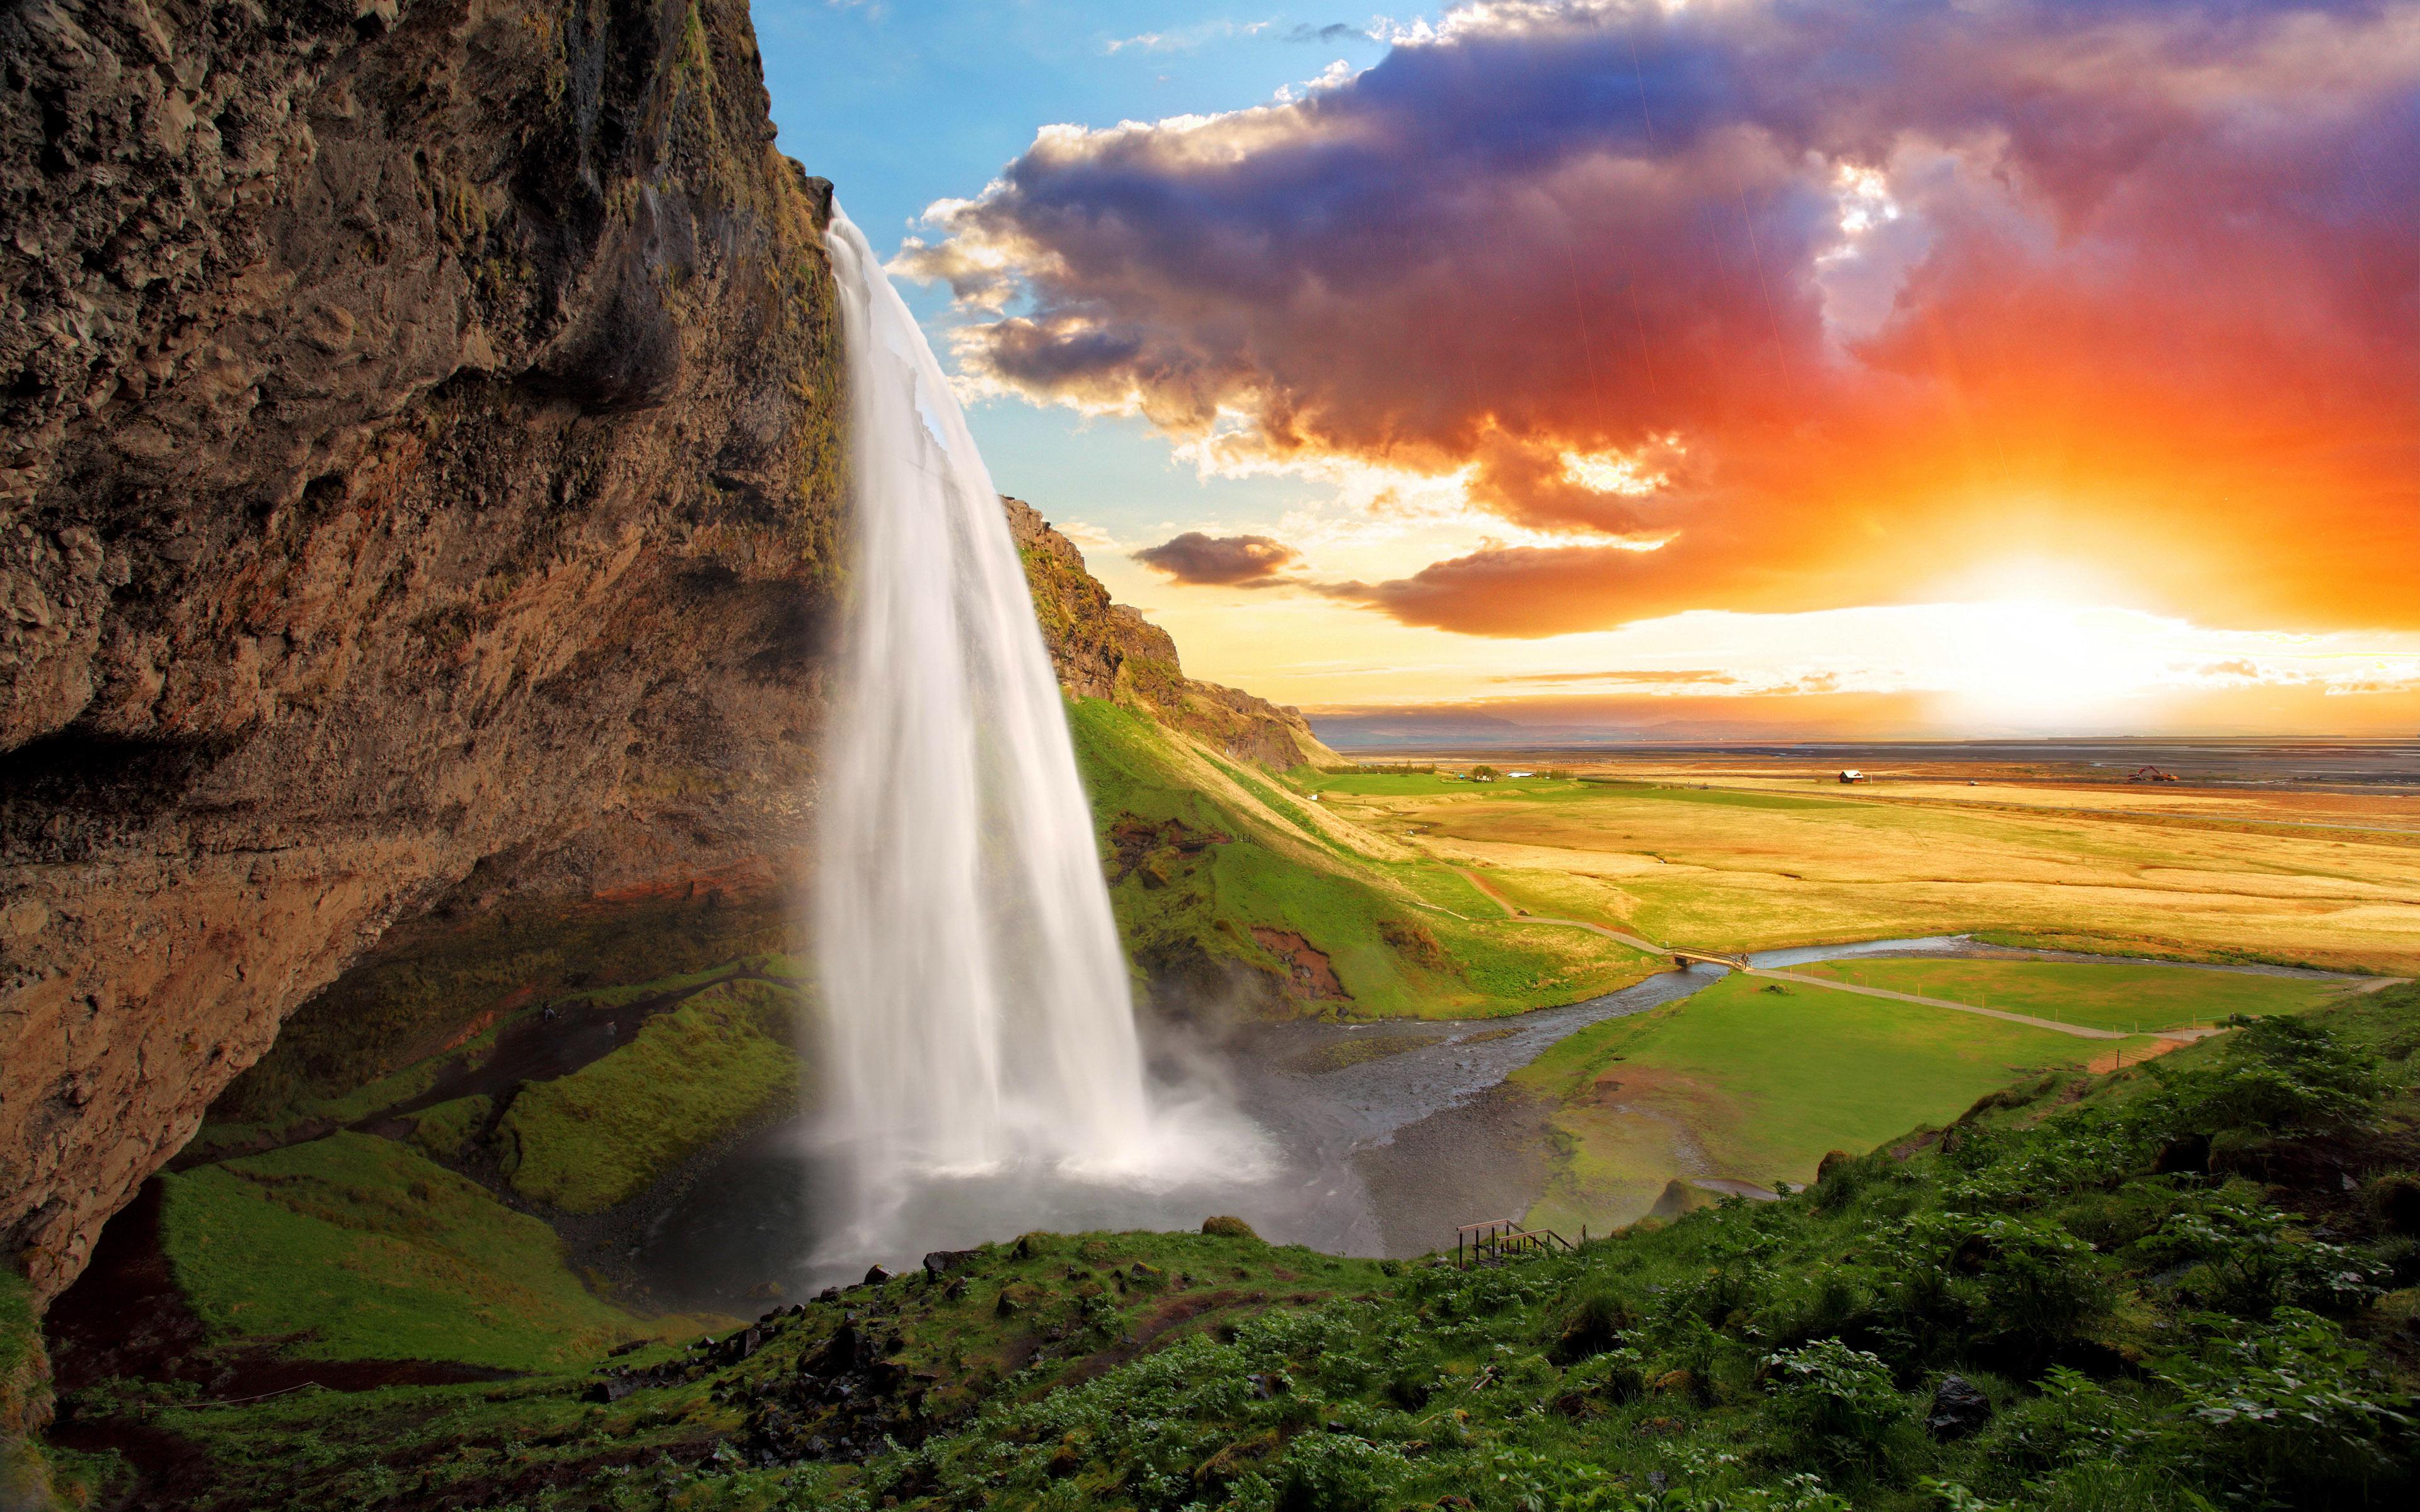 HDoboi.Kiev.ua - Обои на телефон природа водопад Сельяландсфосс в Исландии